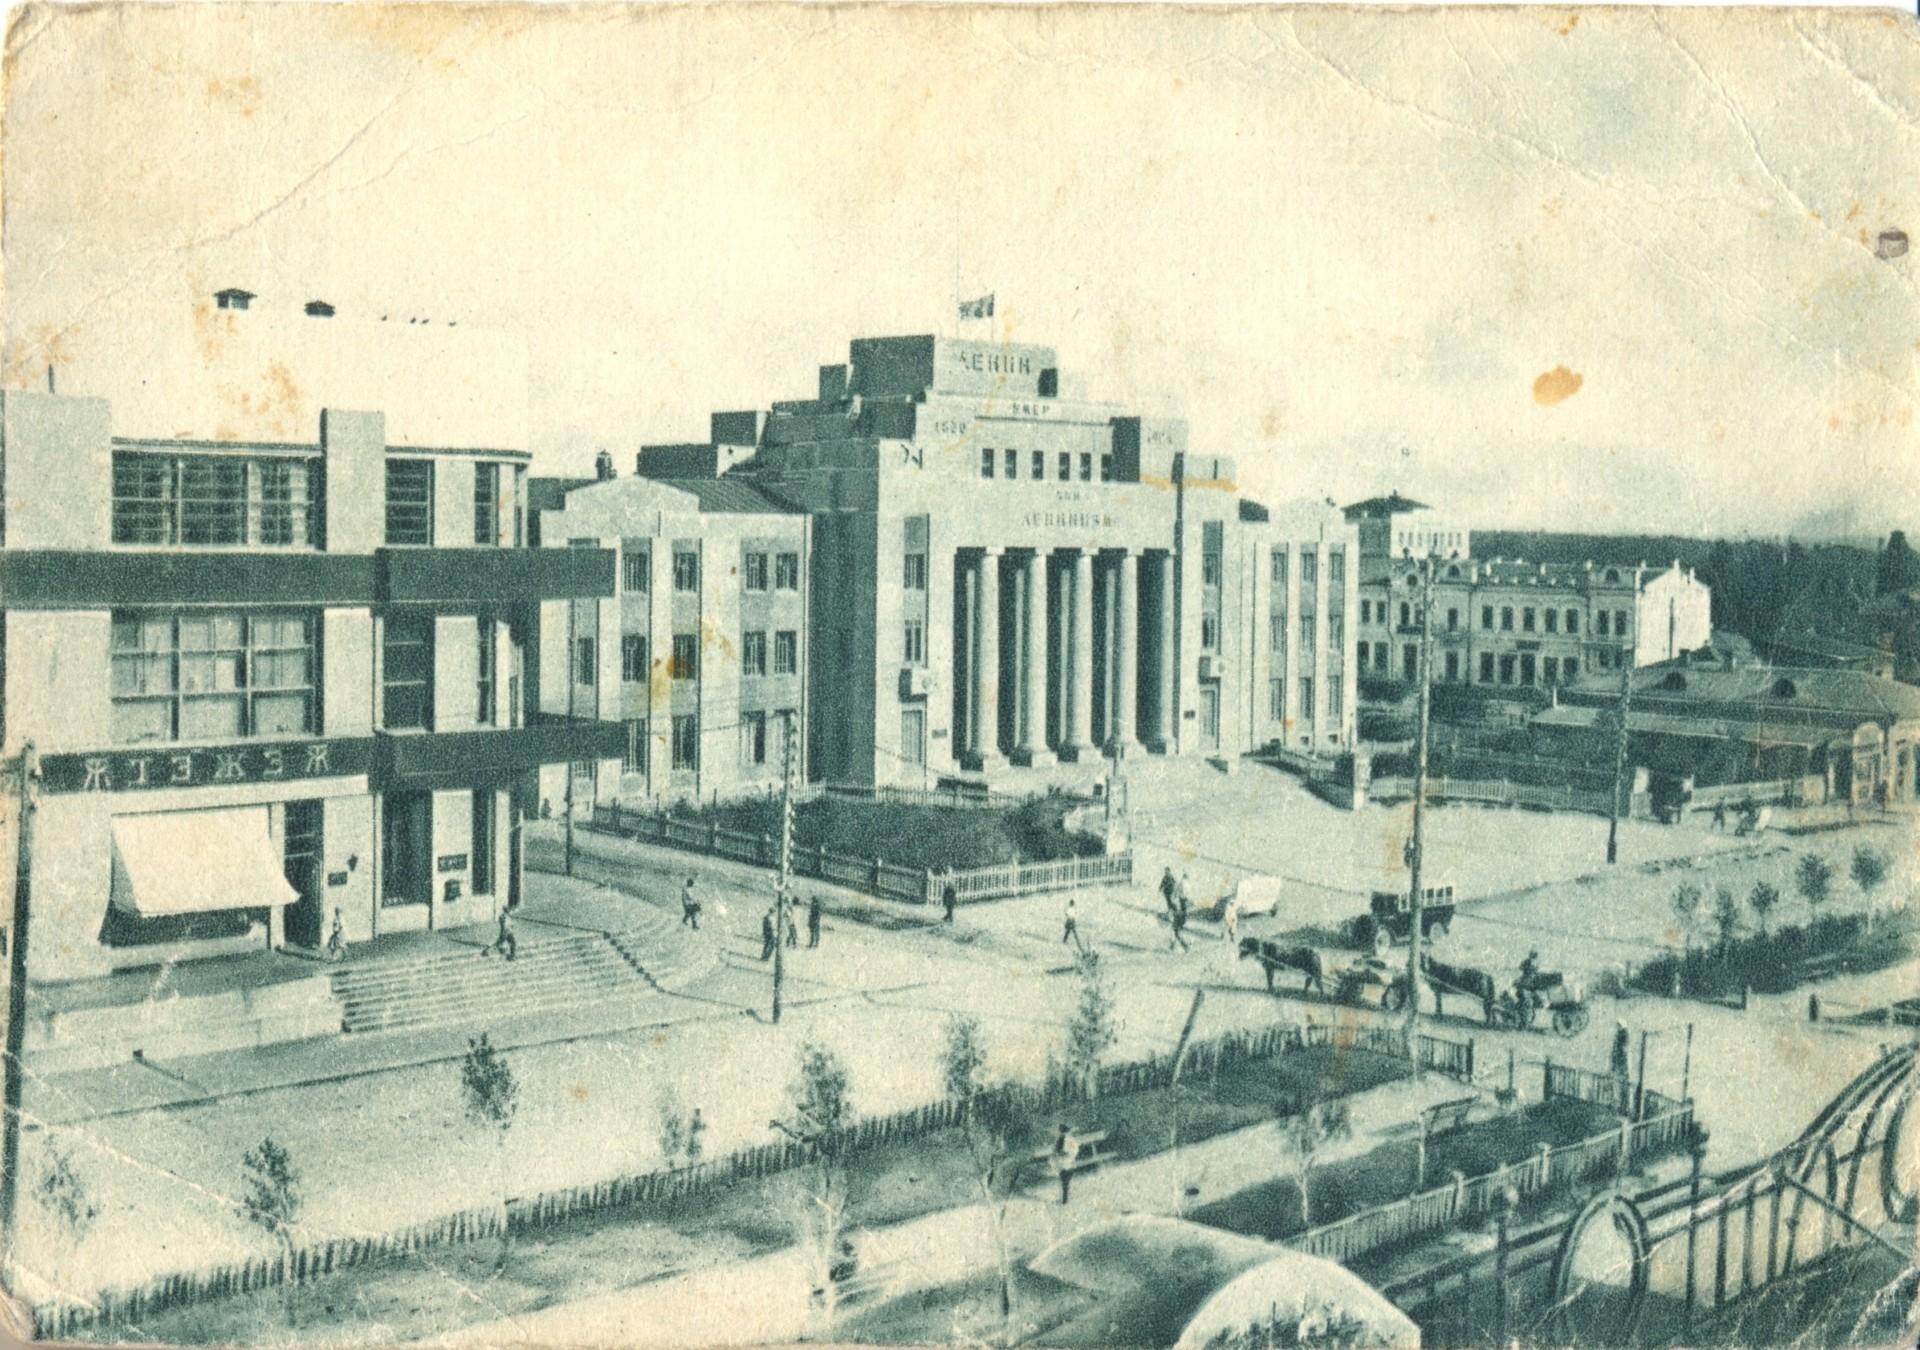 Одна из первых новосибирских открыток, Дом Ленина, конец 20-х гг.  (сейчас - Филормония)